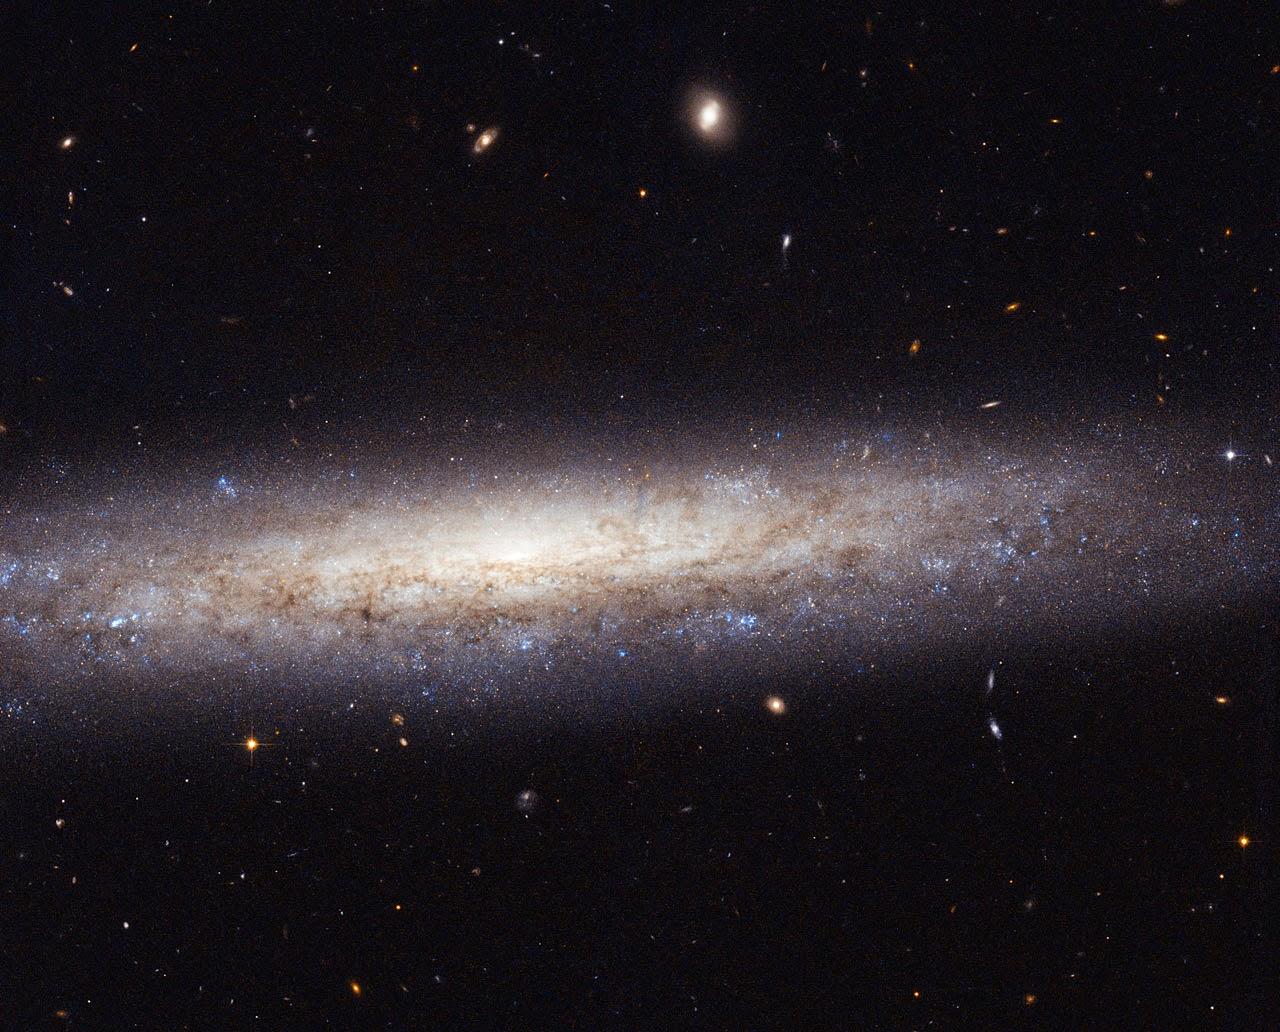 Galáxia NGC 4206 localizada a mais de 70 milhões de anos-luz da Terra